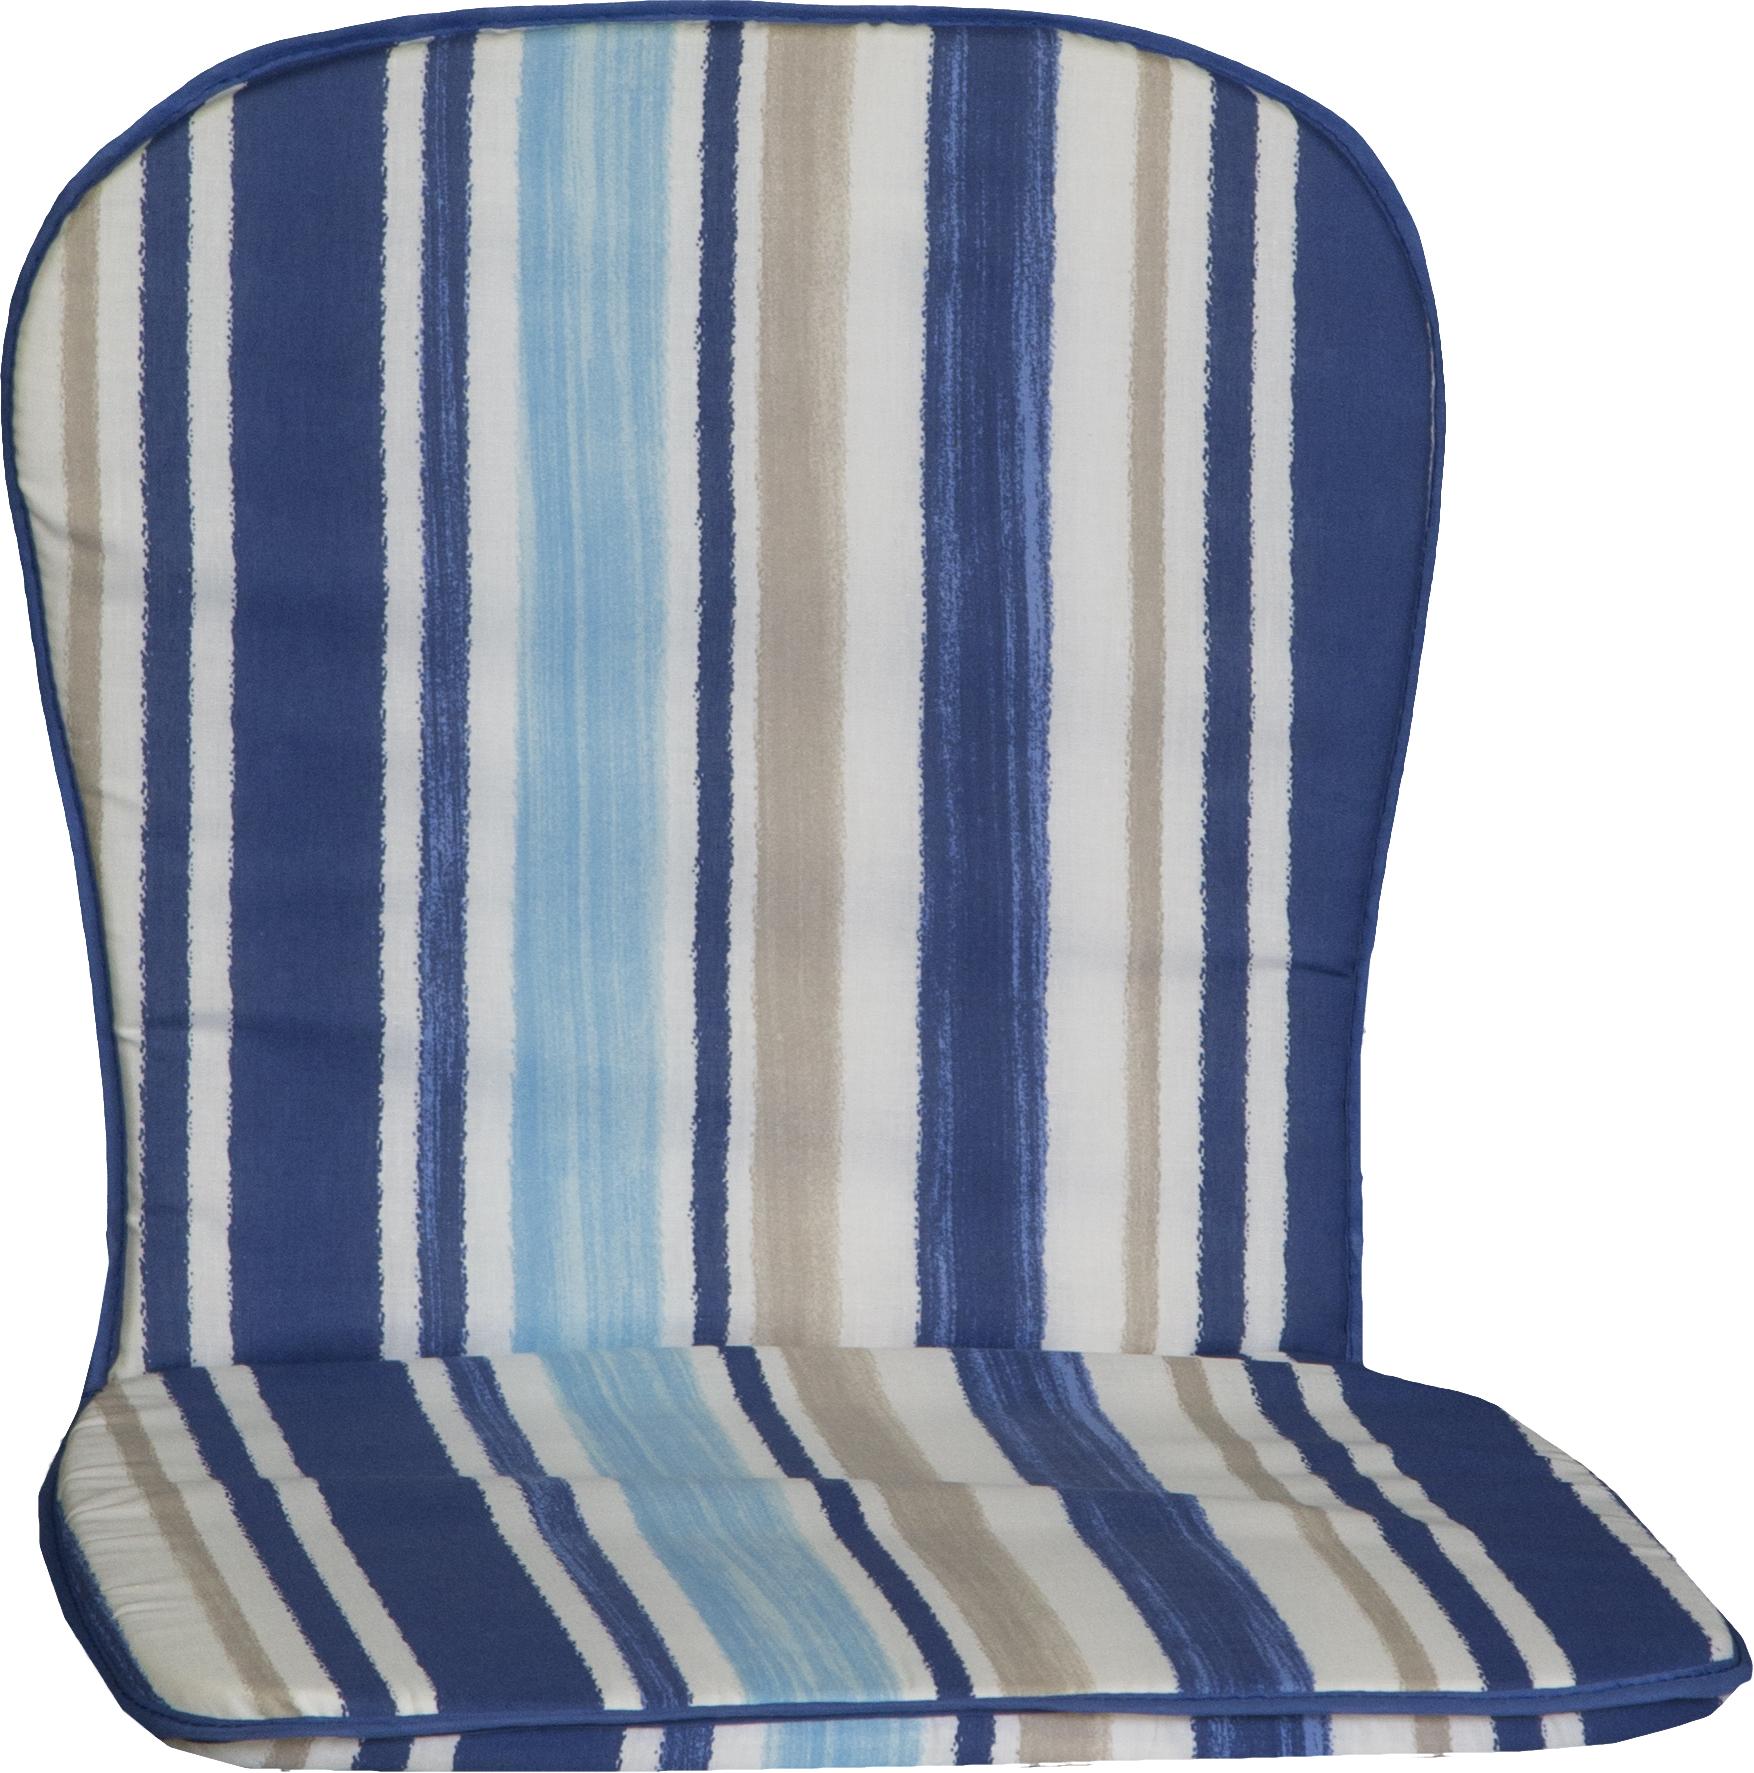 beo Stapelstuhlauflage Monoblock  für niedrige Rückenlehne in Streifen blau hellblau beige weiss